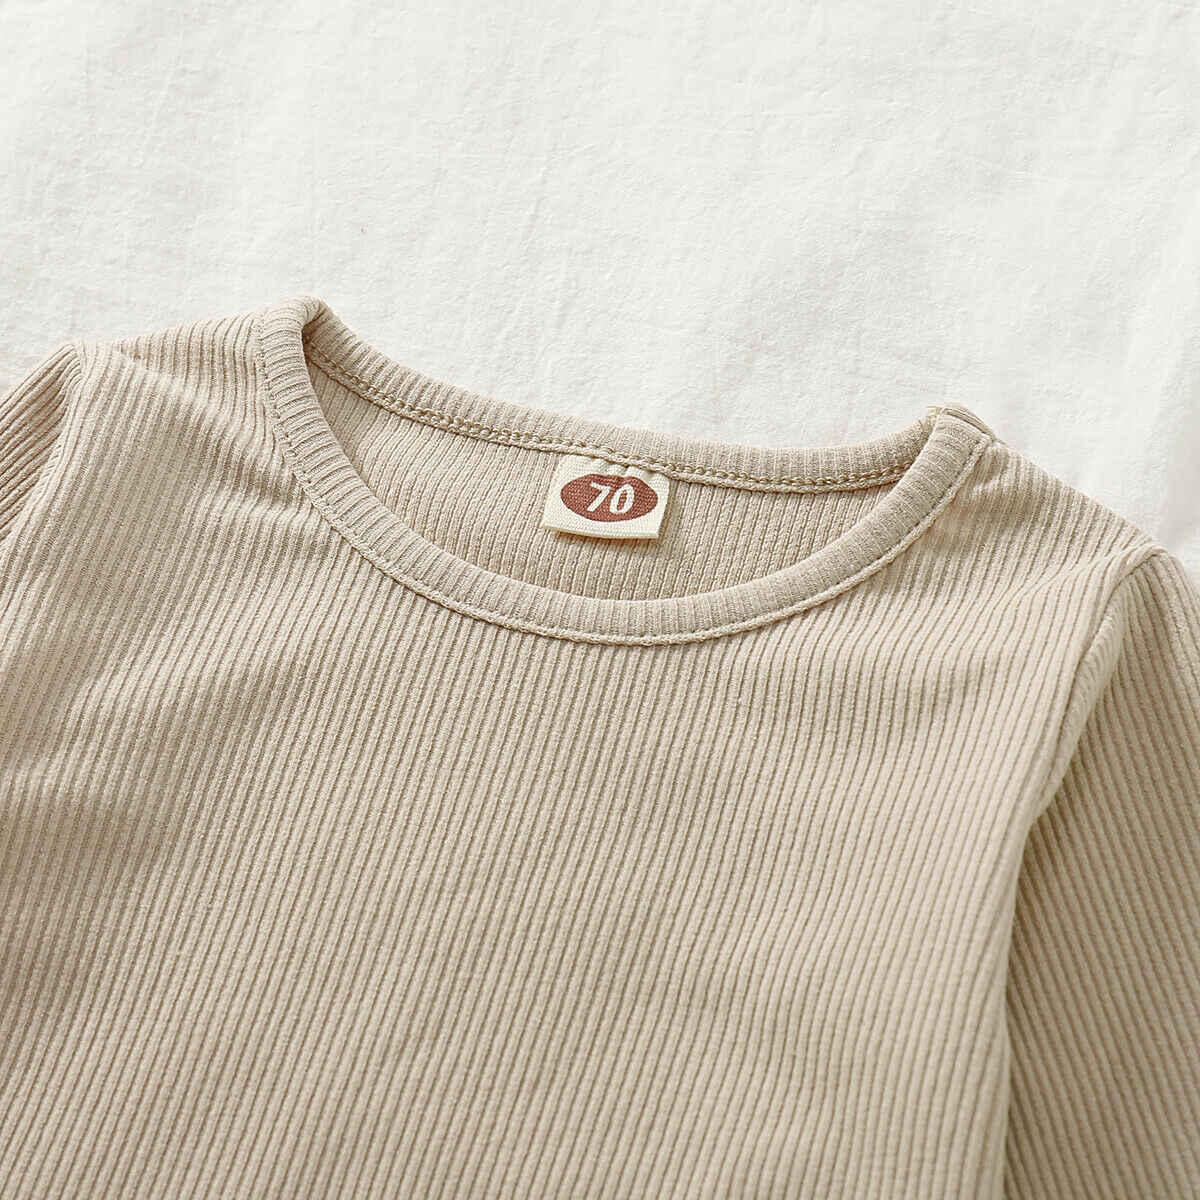 محبوك طفل الشتاء الخريف تي شيرت ملابس الأطفال البلوز البلوزات للطفل الفتيات الصبي طويلة الأكمام الصلبة سترة الملابس الدافئة